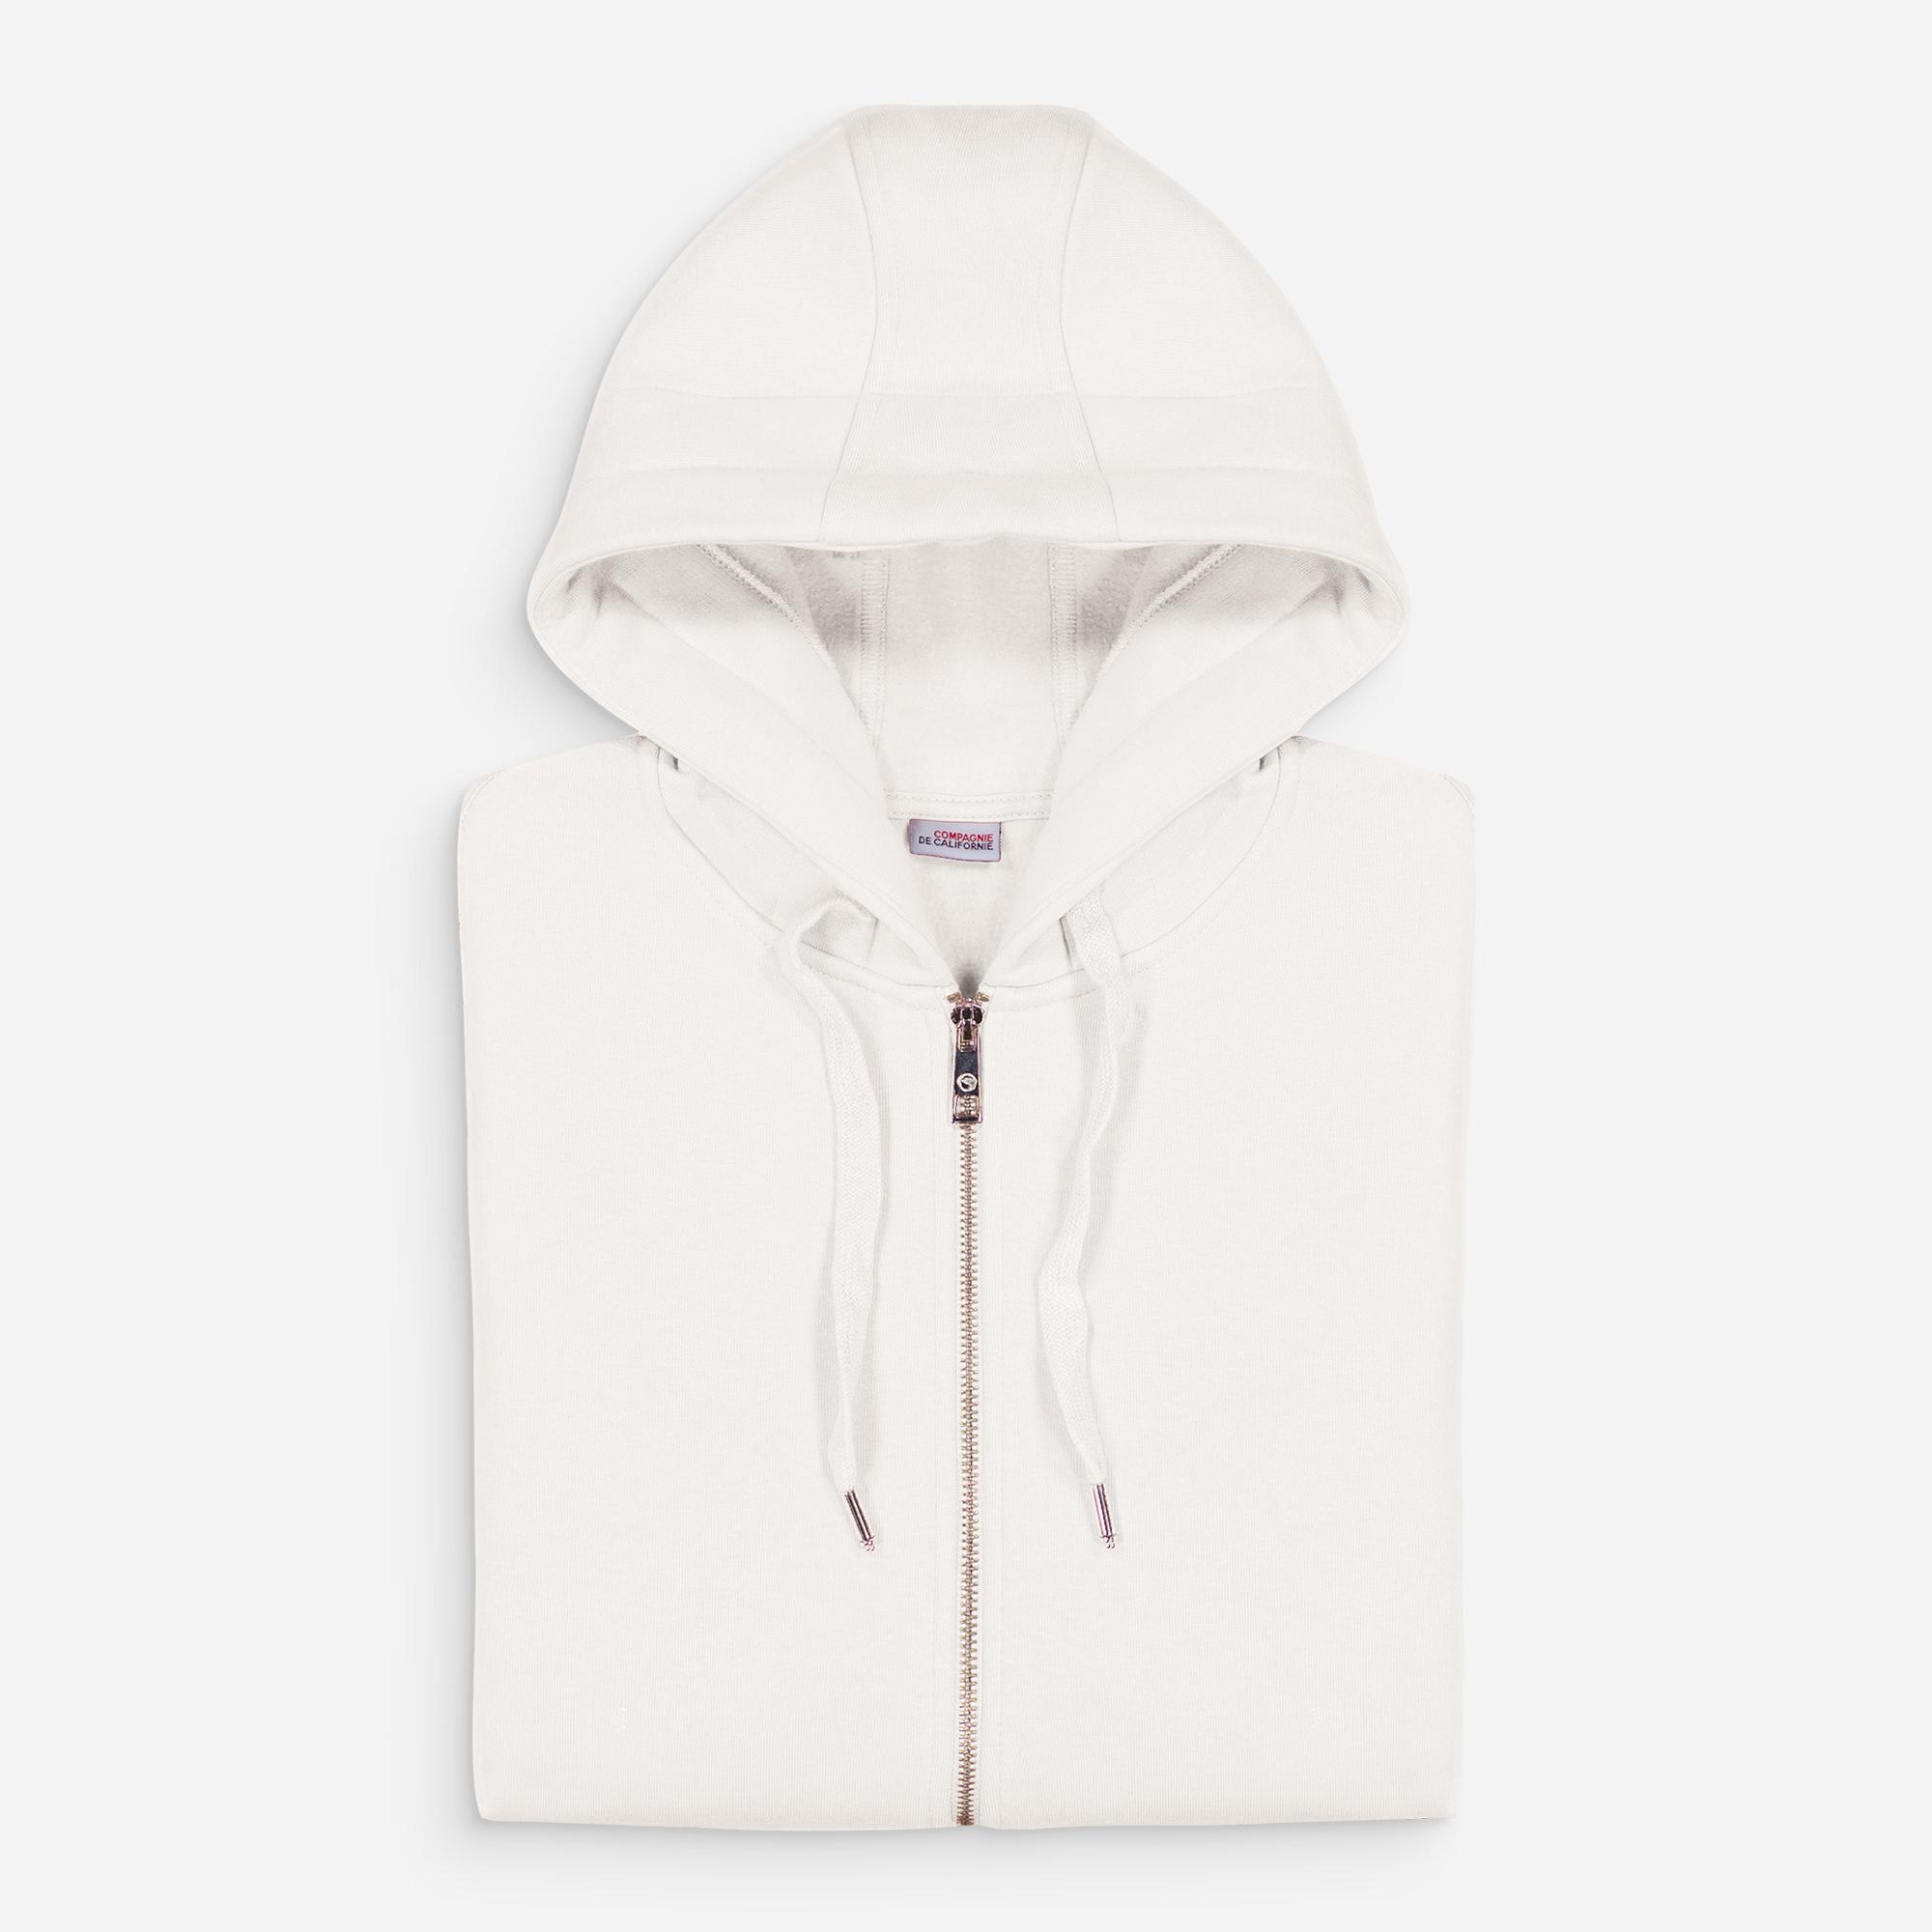 new cupertino hoodie zip blanc